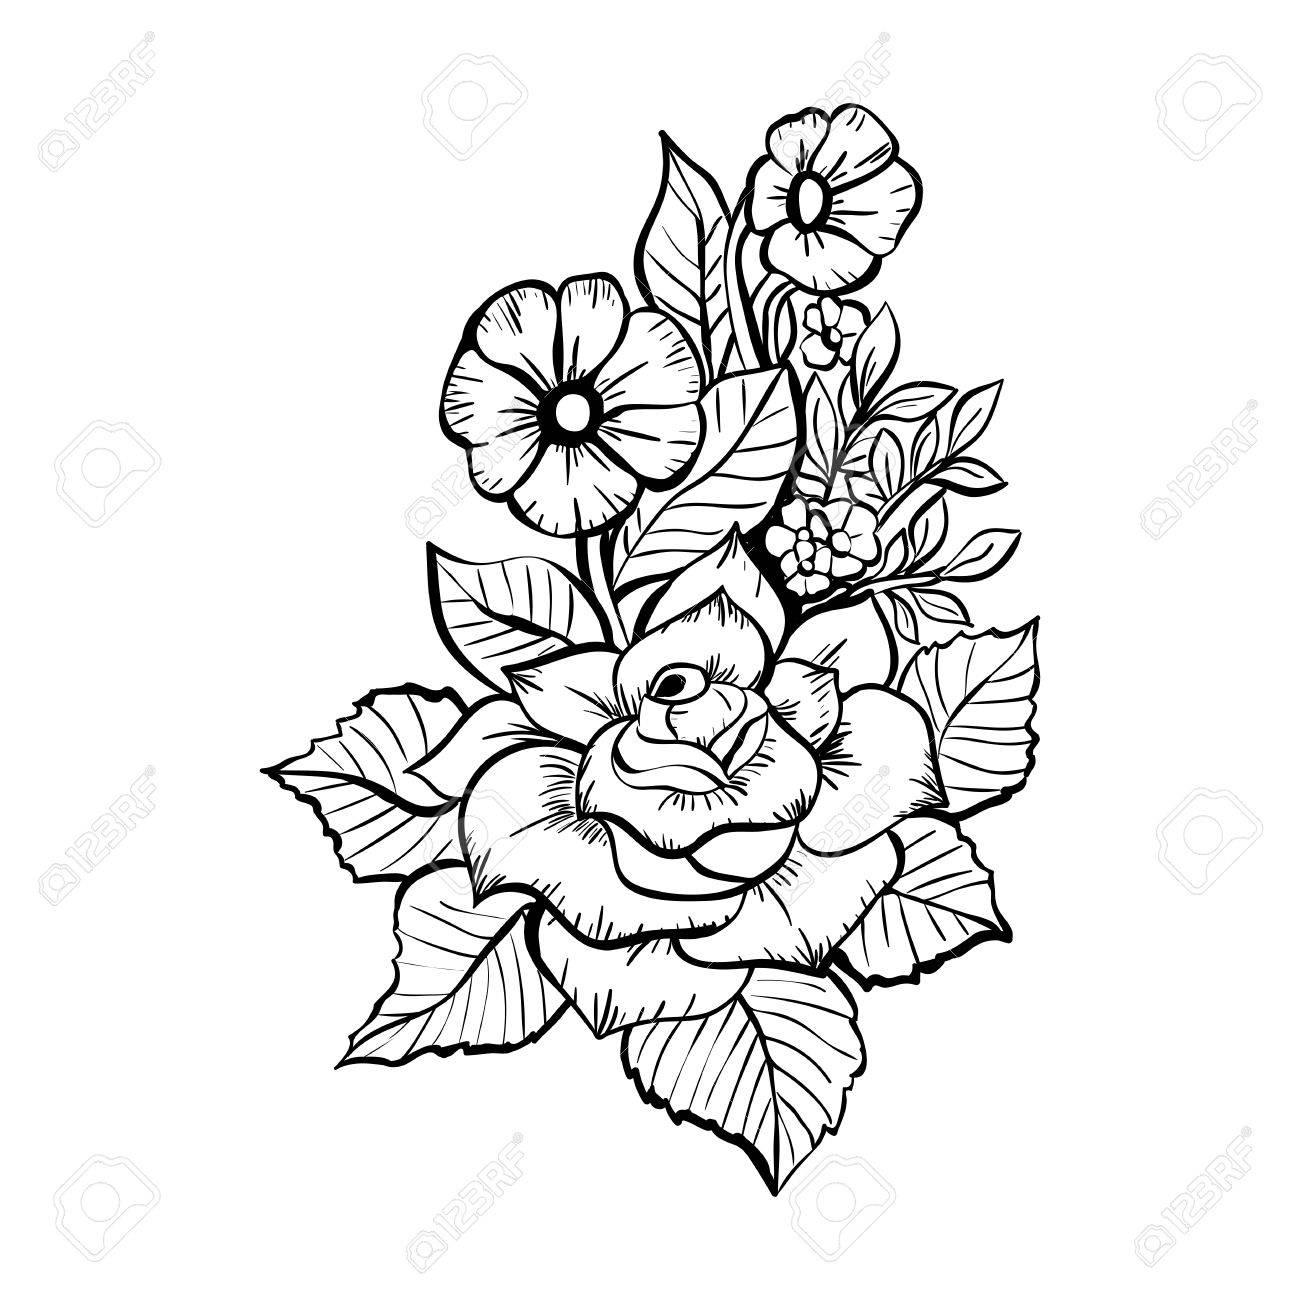 Hand Gezeichneten Blumen Schwarz Weiss Bouquet Mit Rosen Lizenzfrei